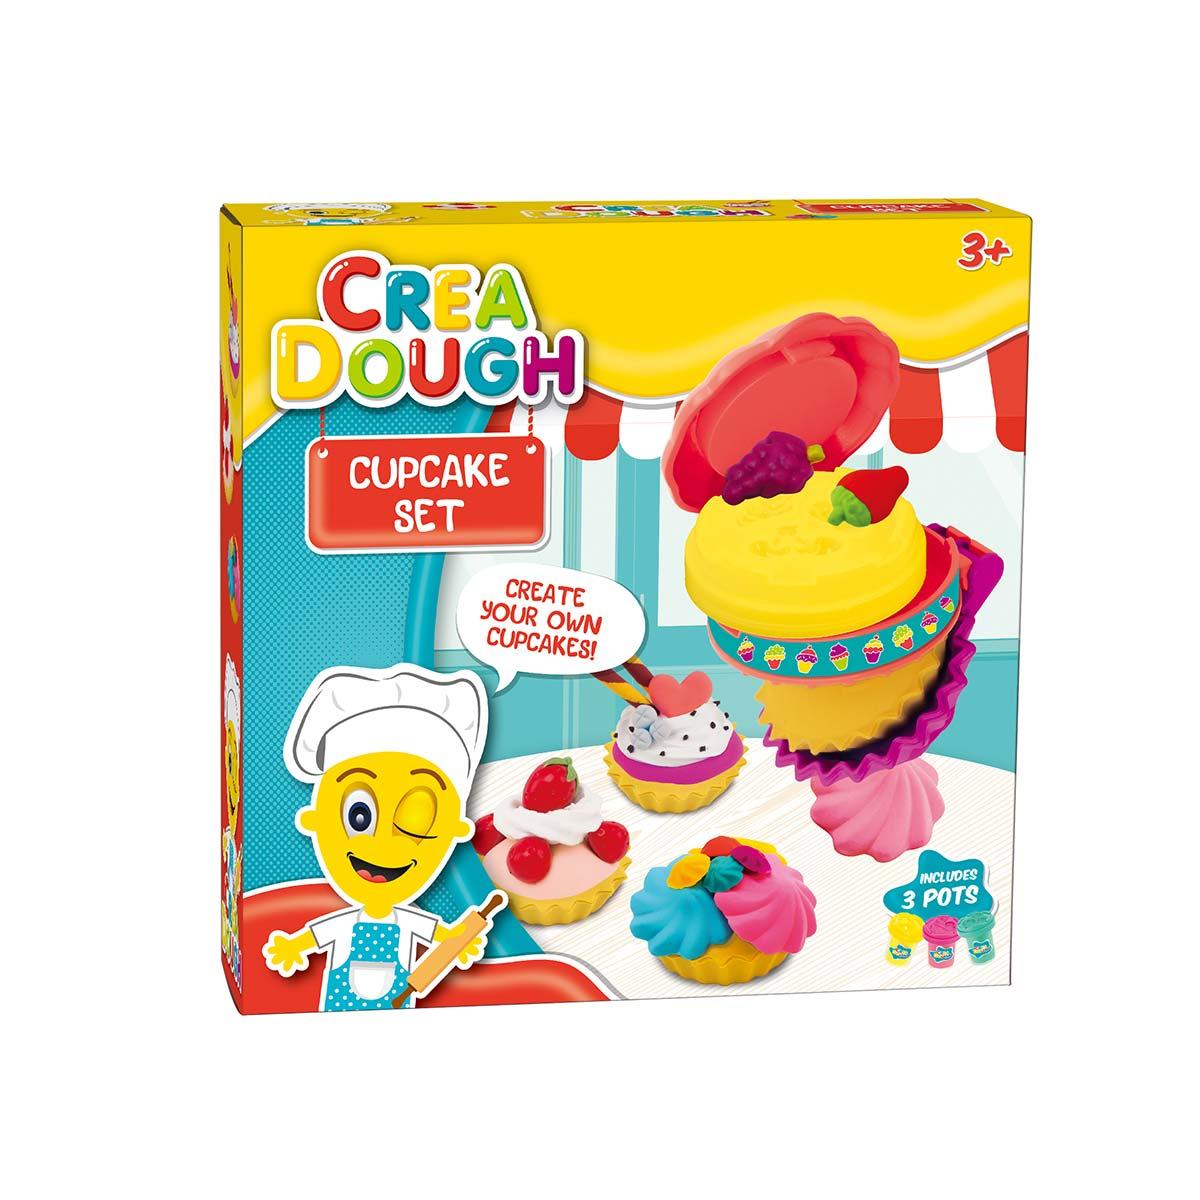 Crea Dough, Cupcake Set